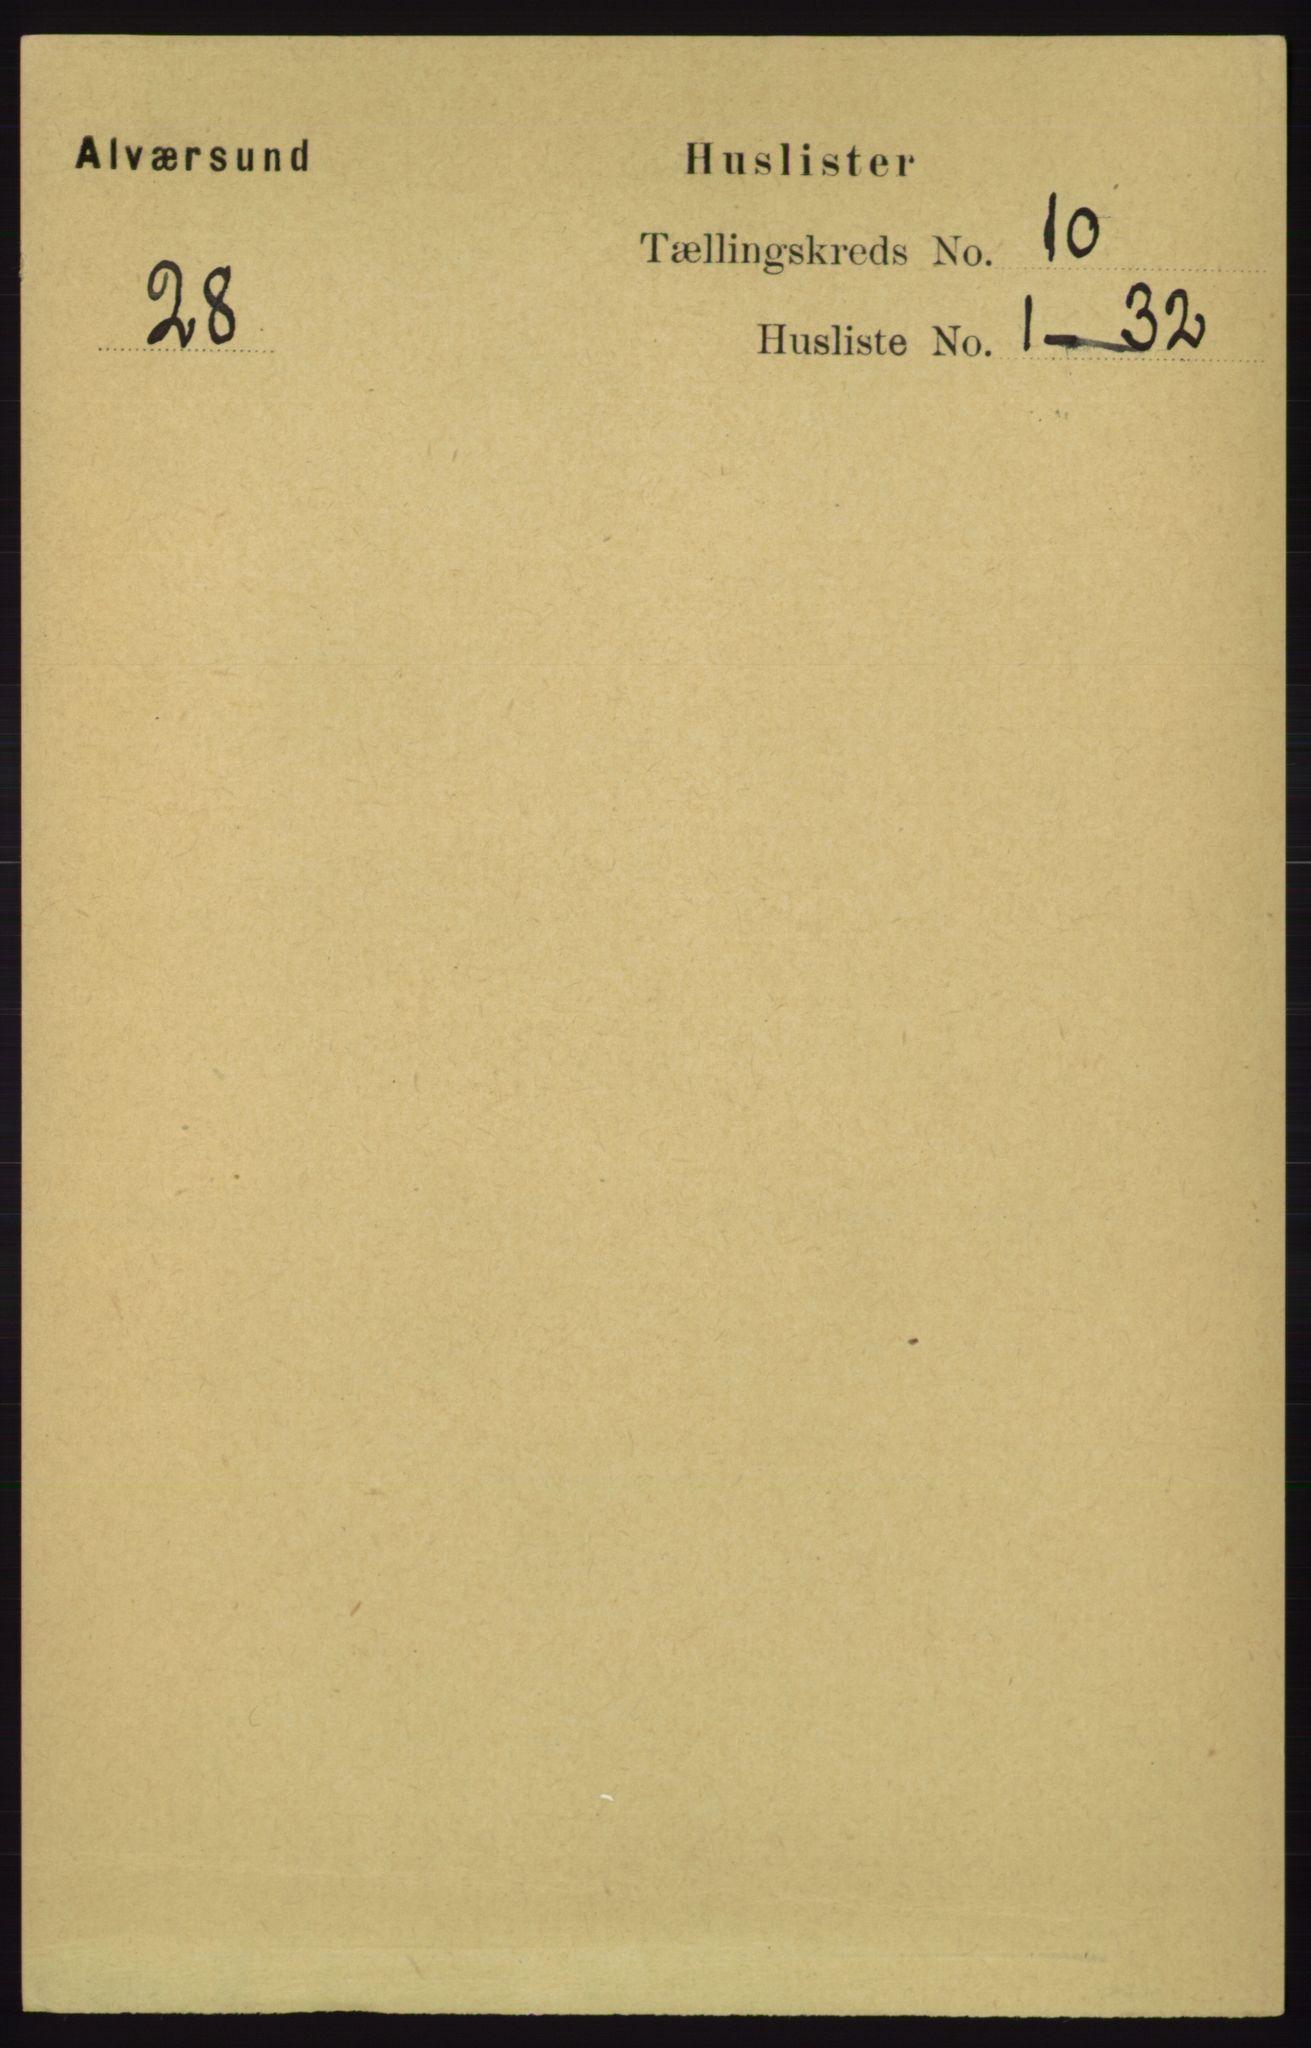 RA, Folketelling 1891 for 1257 Alversund herred, 1891, s. 3428